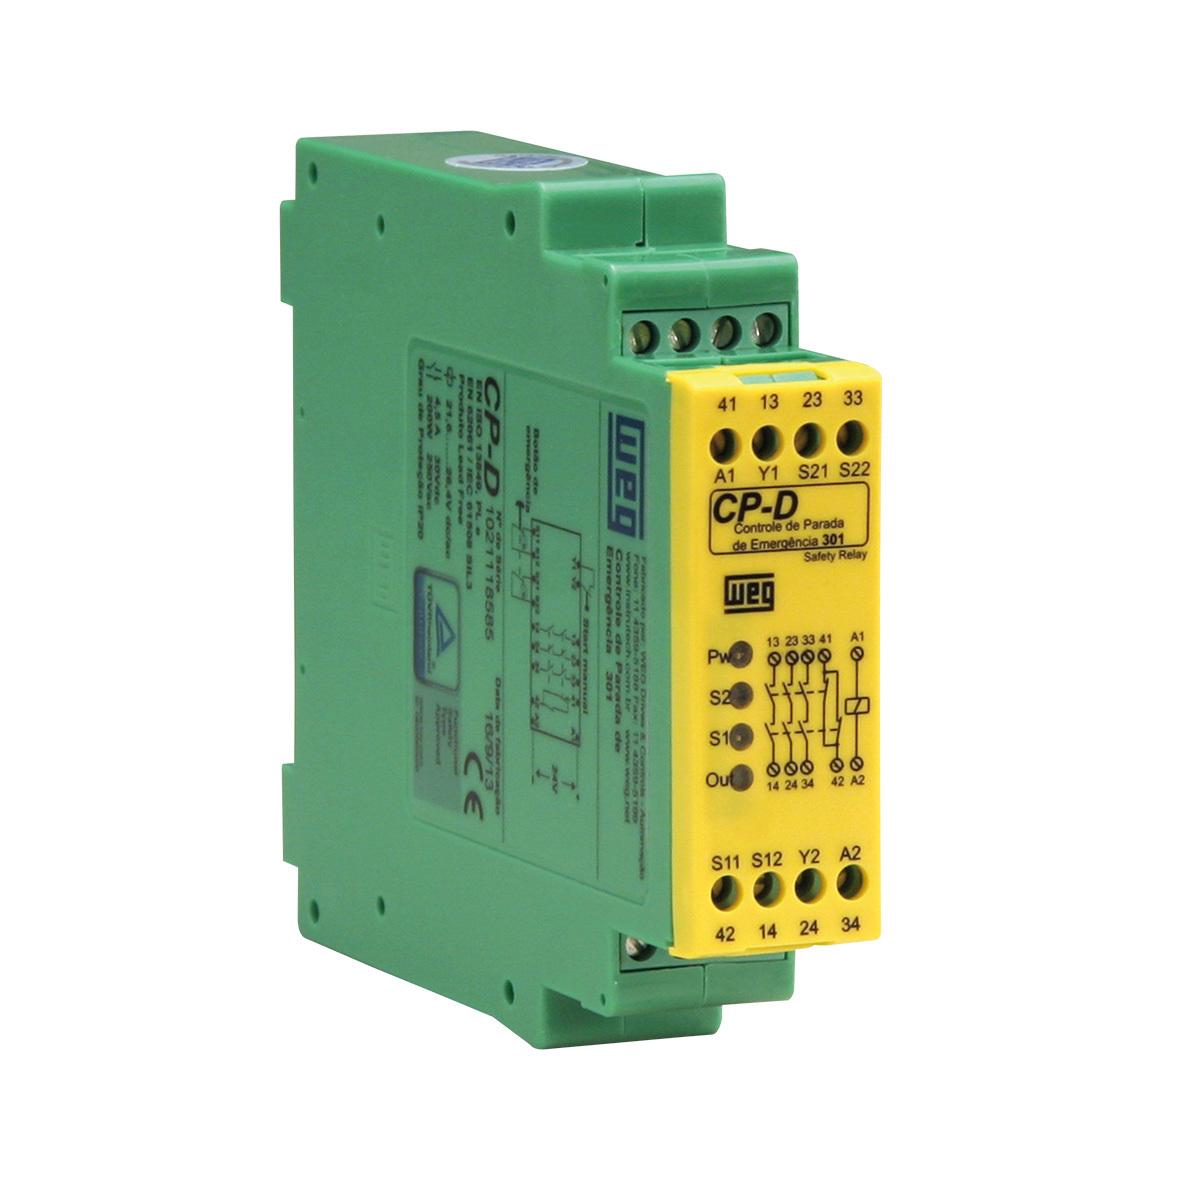 5a962cf1dfa CPLS-D301 - Relé de Segurança para Cortina de Luz · Ver produtos